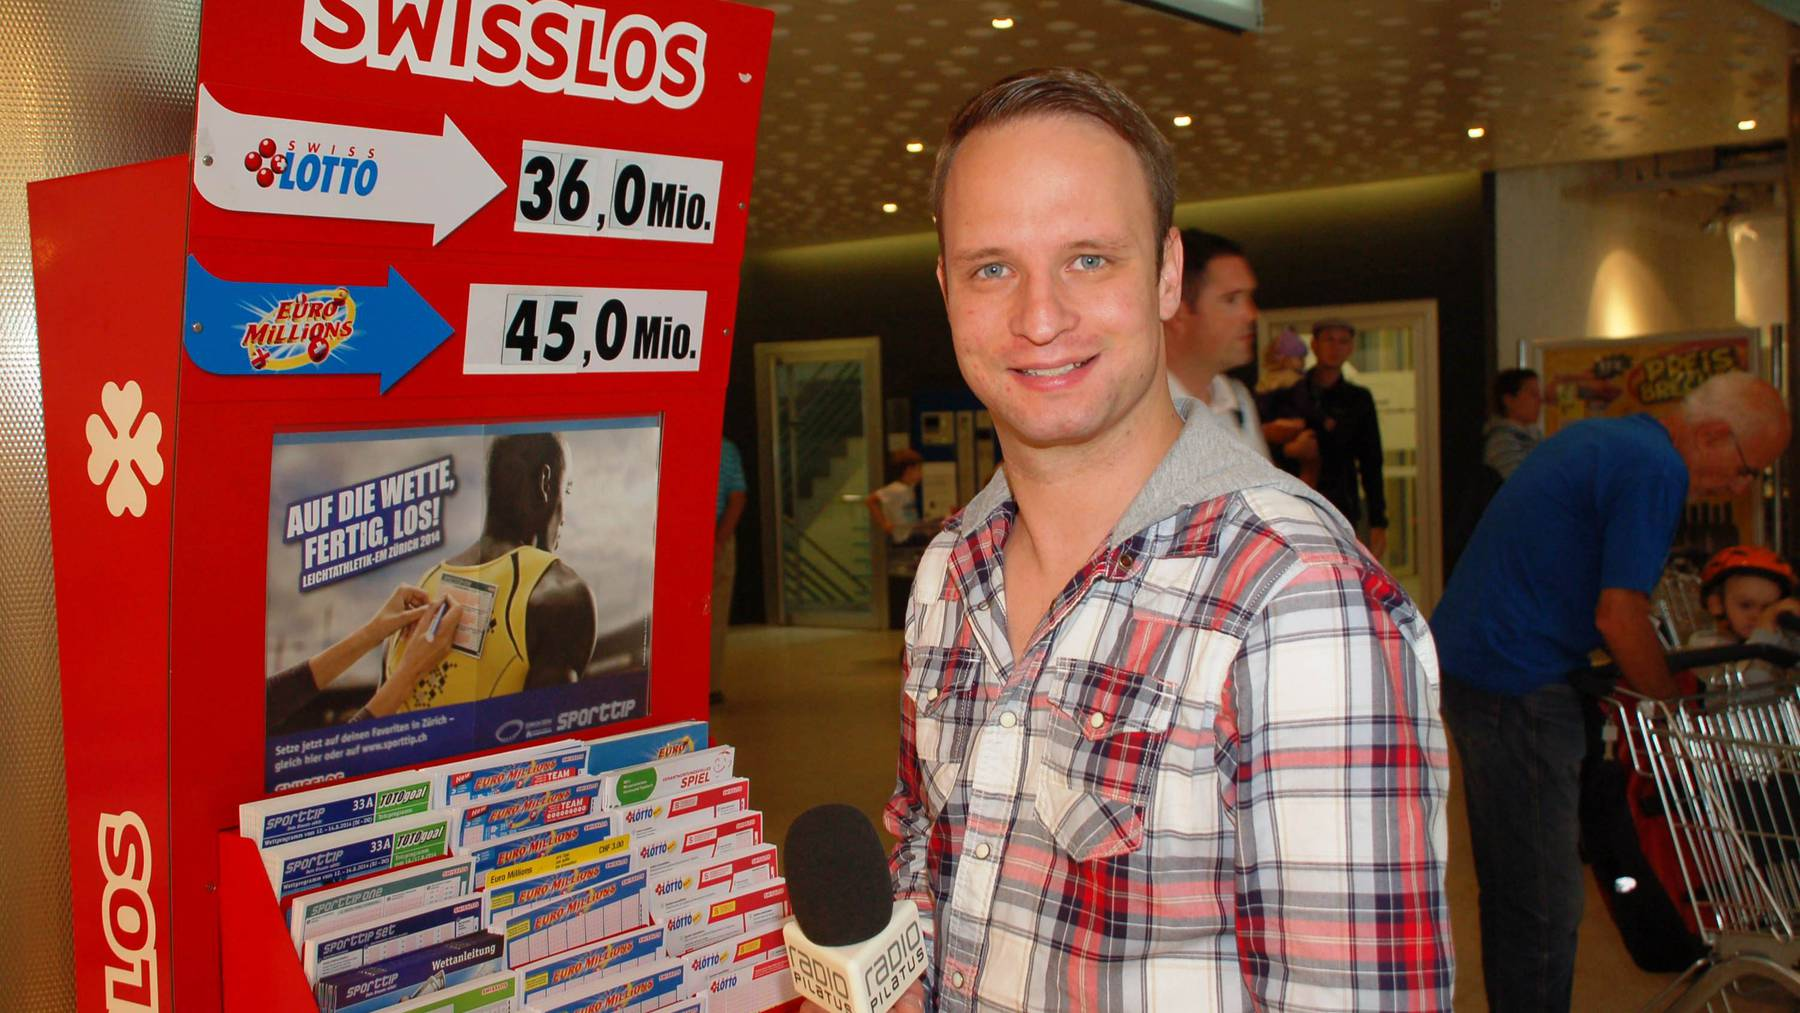 Lotto-Jackpot wiederum nicht geknackt